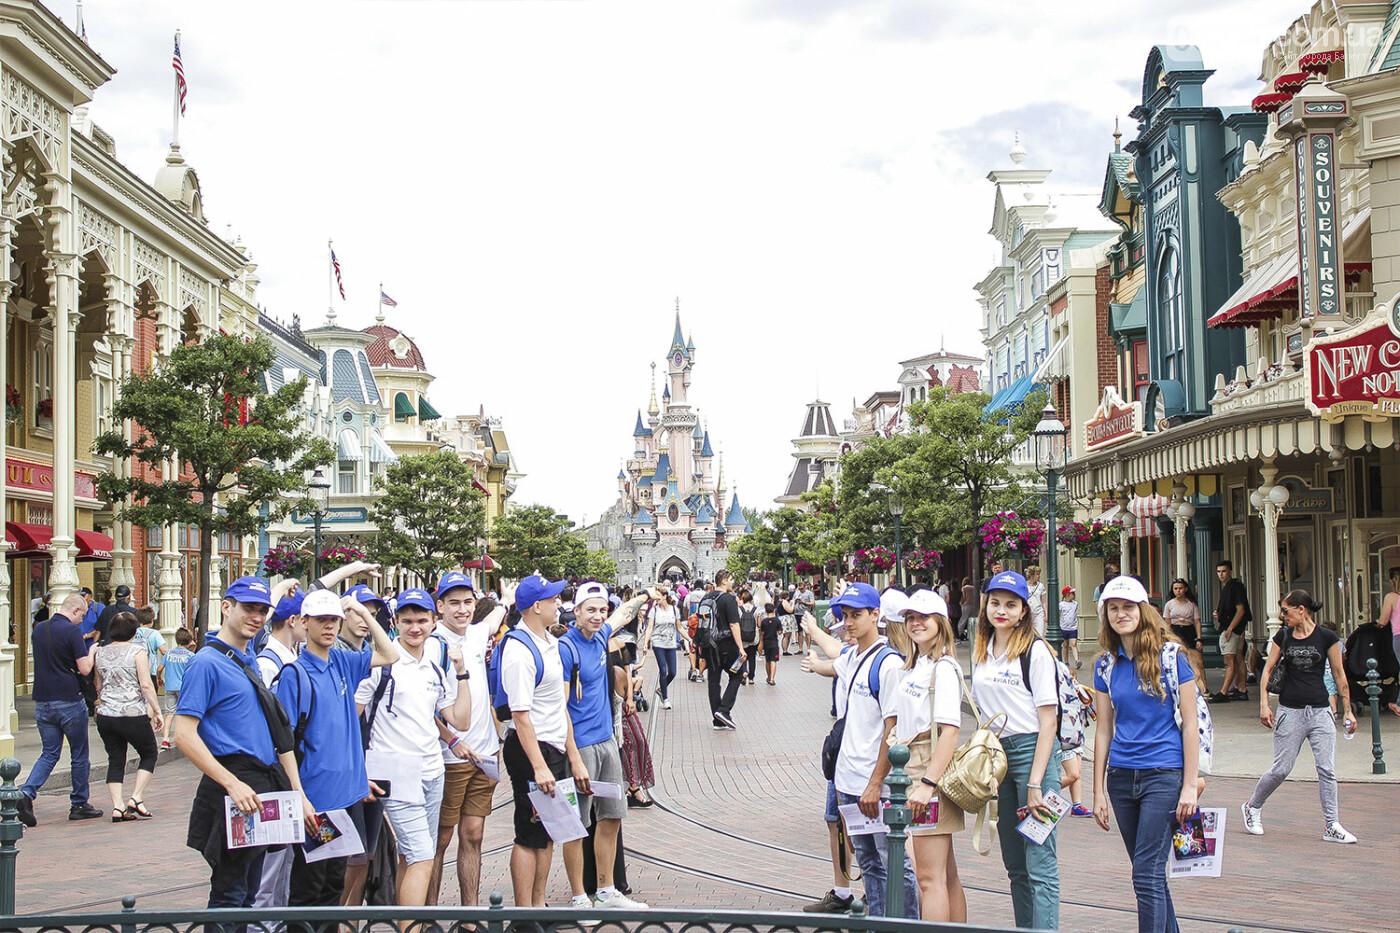 Призеры областных олимпиад Донбасса увидели Париж и отдохнули в Диснейленде, фото-2